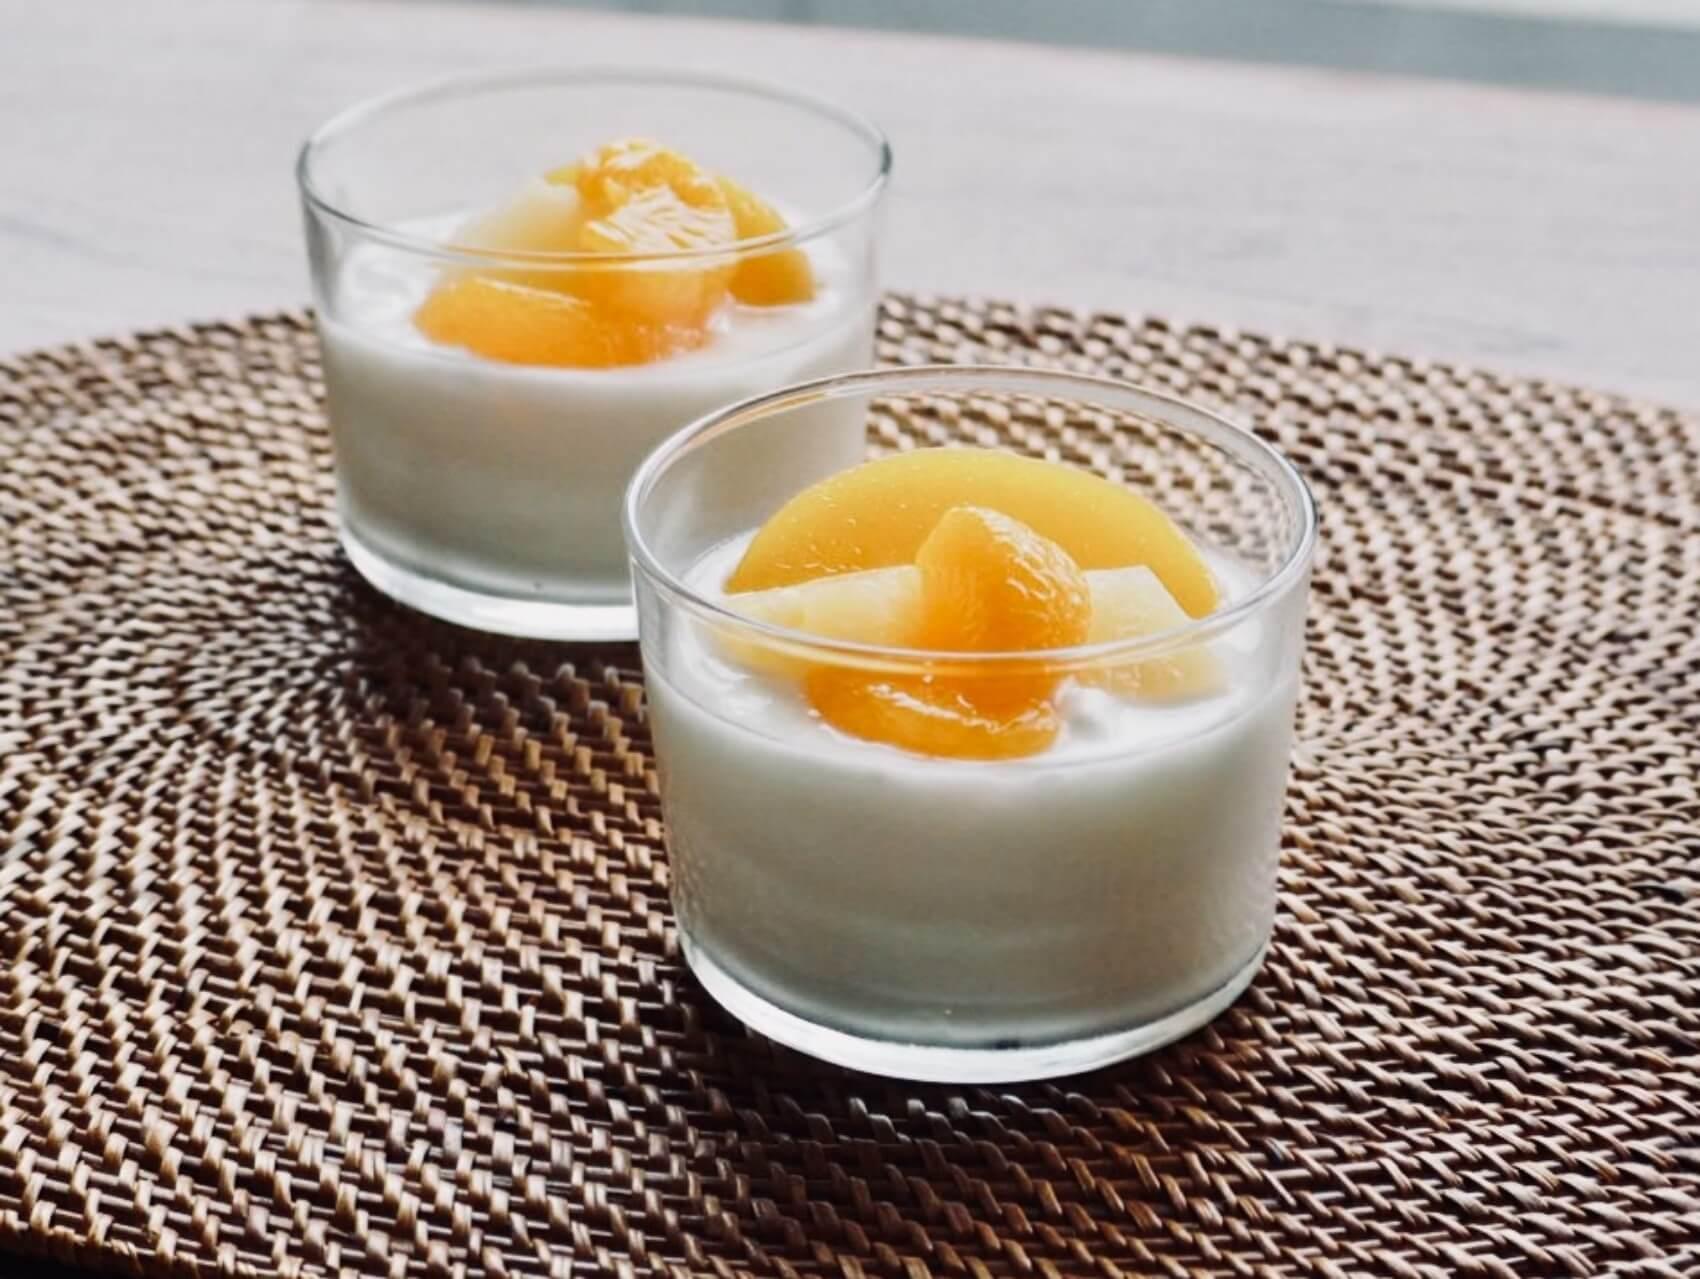 ヨーグルトにフルーツをのせて。カフェのように、お洒落に引き立ててくれる、シンプルなデザインが嬉しい。